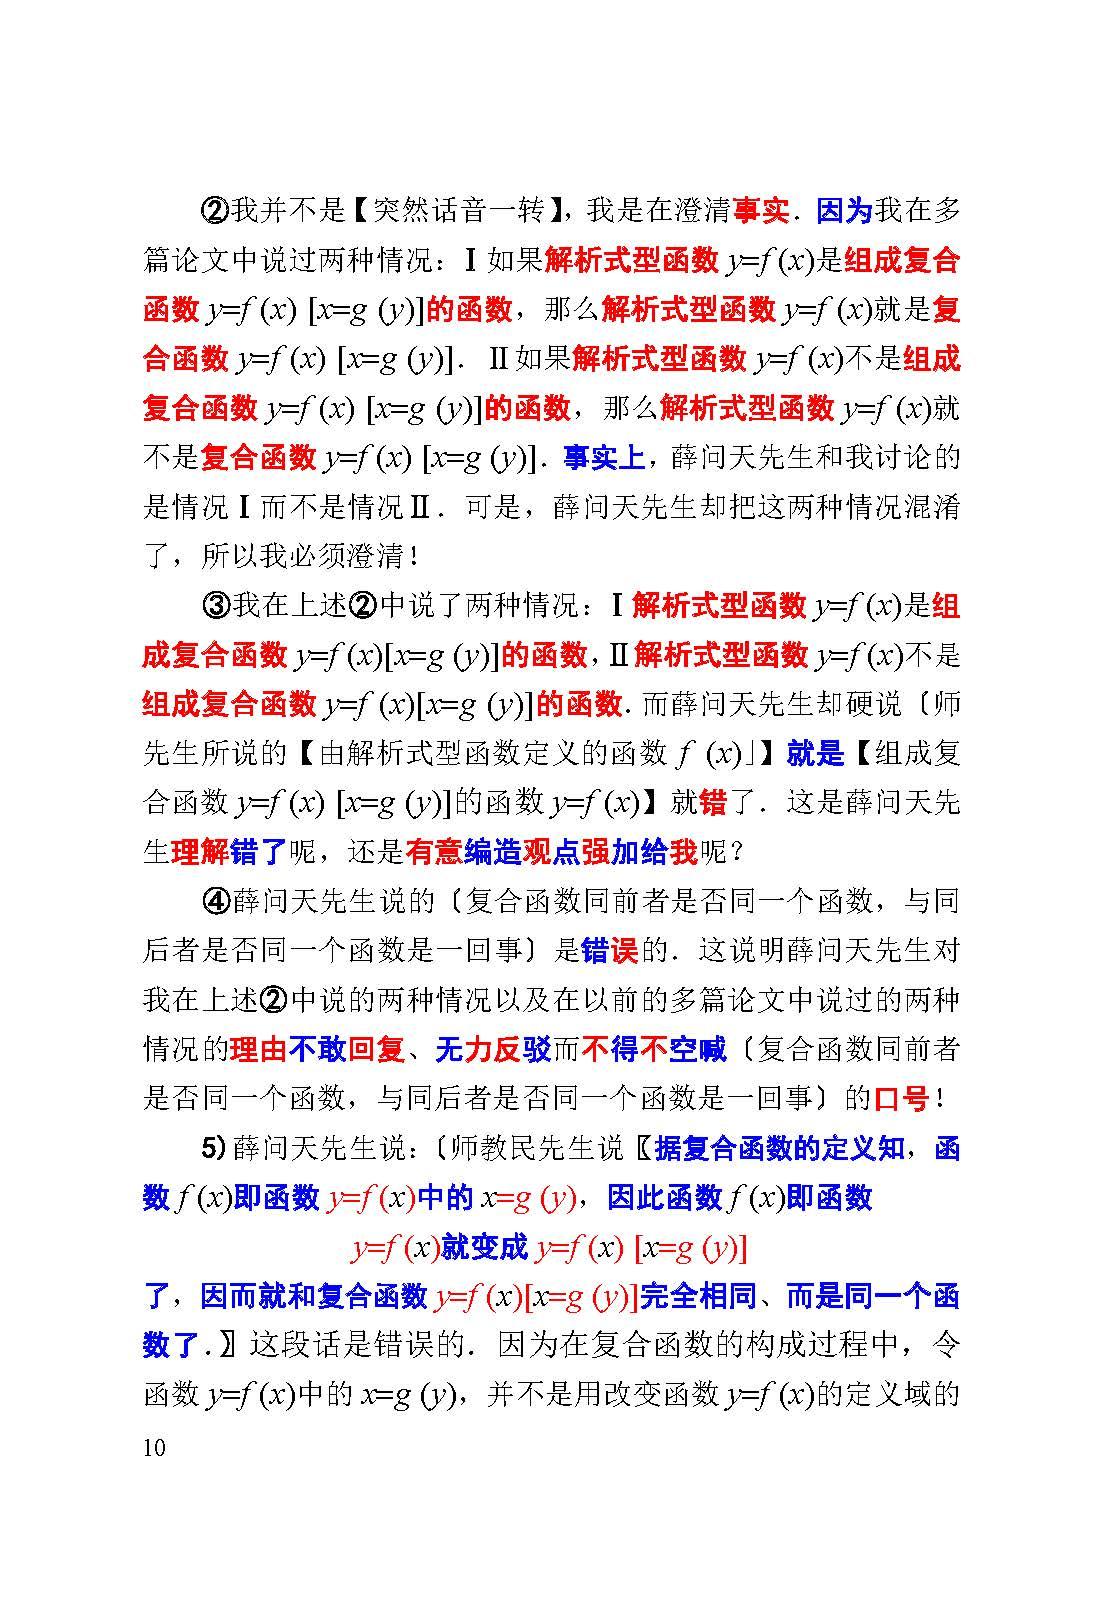 评薛问天先生的文章0408_页面_10.jpg